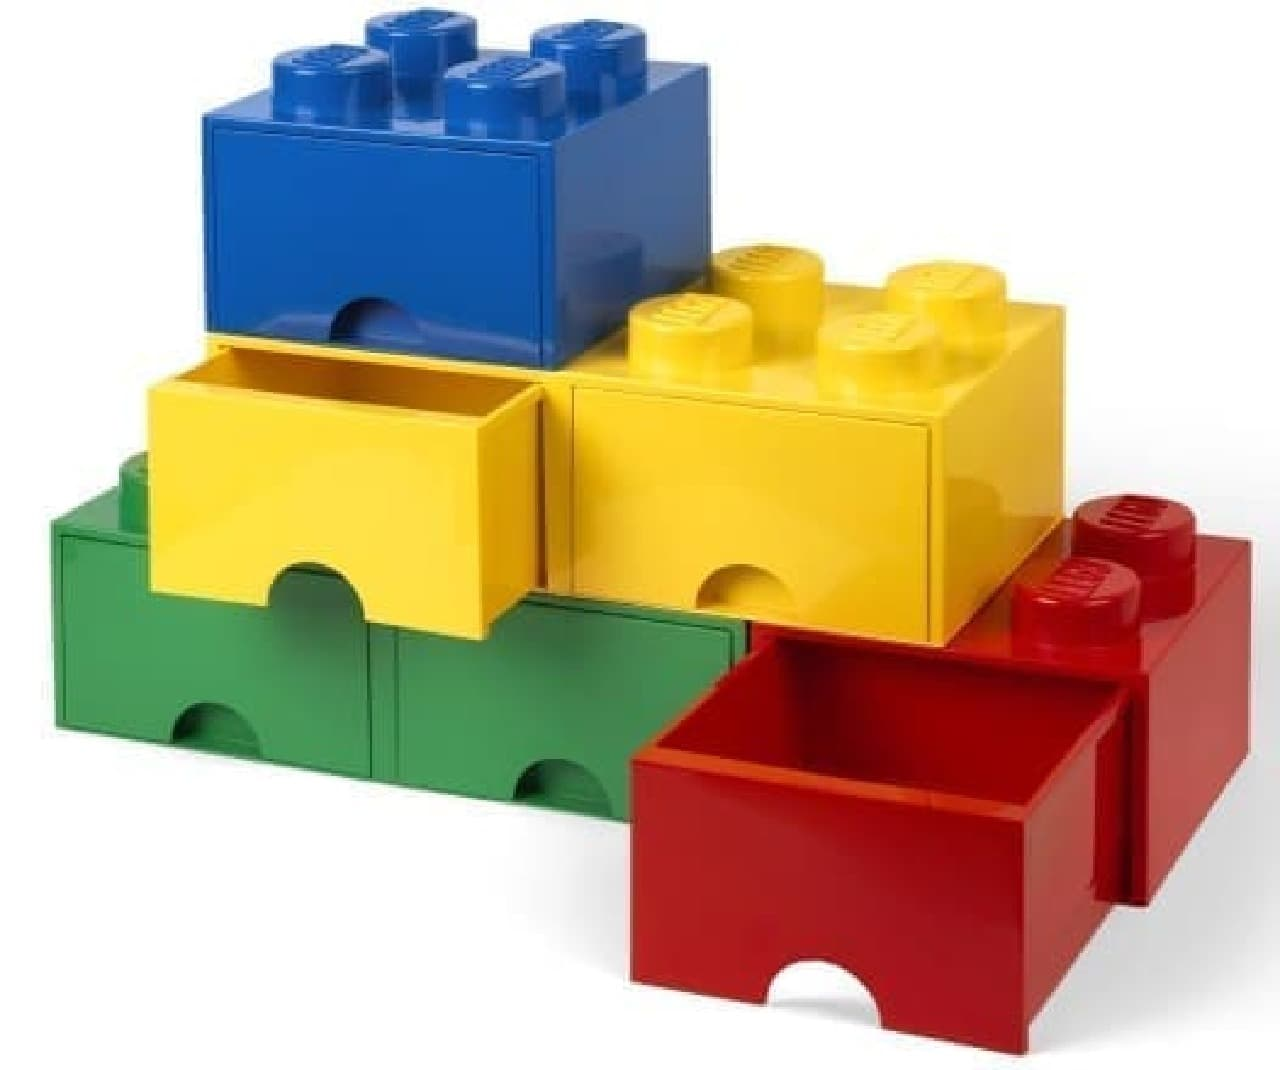 LEGO(レゴ) ブリックドロワー